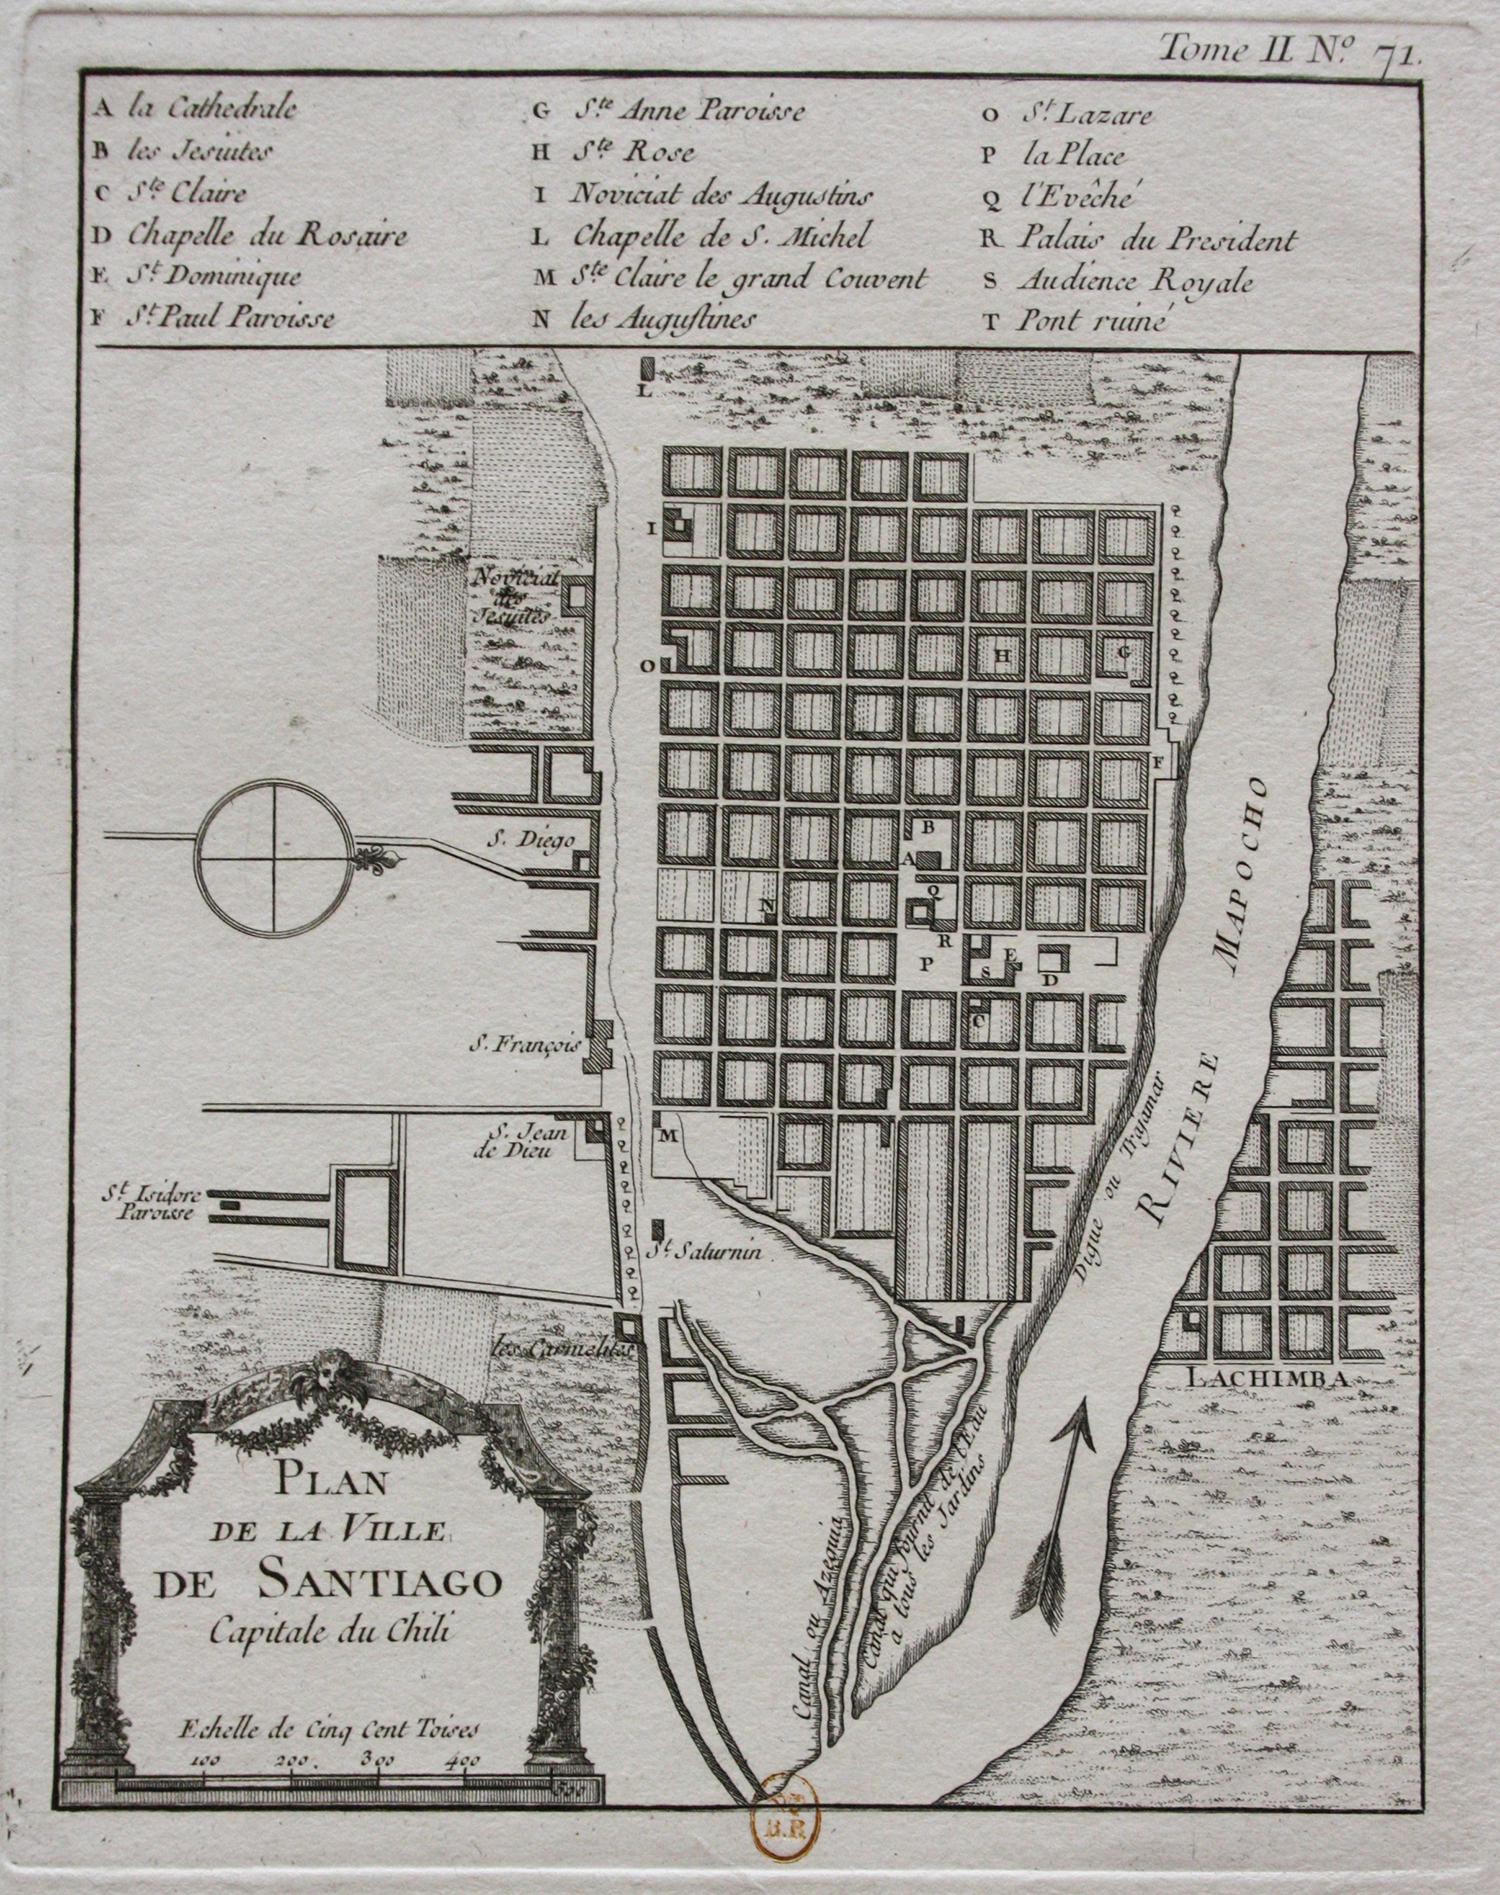 Mapa de Santiago de Chile en 1764.